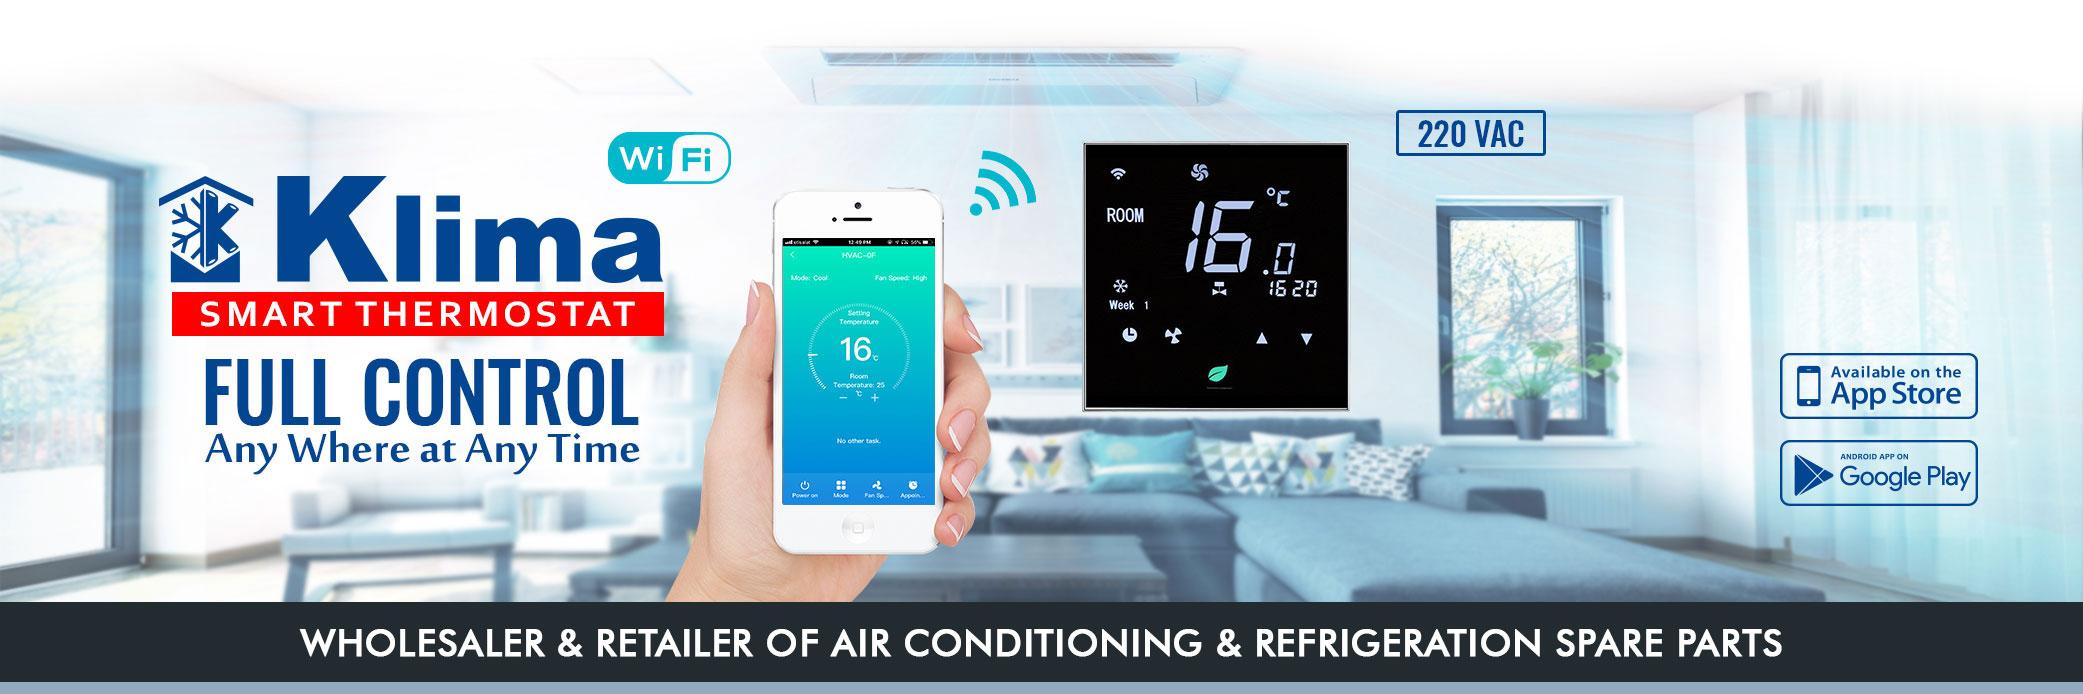 Klima WiFi Thermostat in Oman